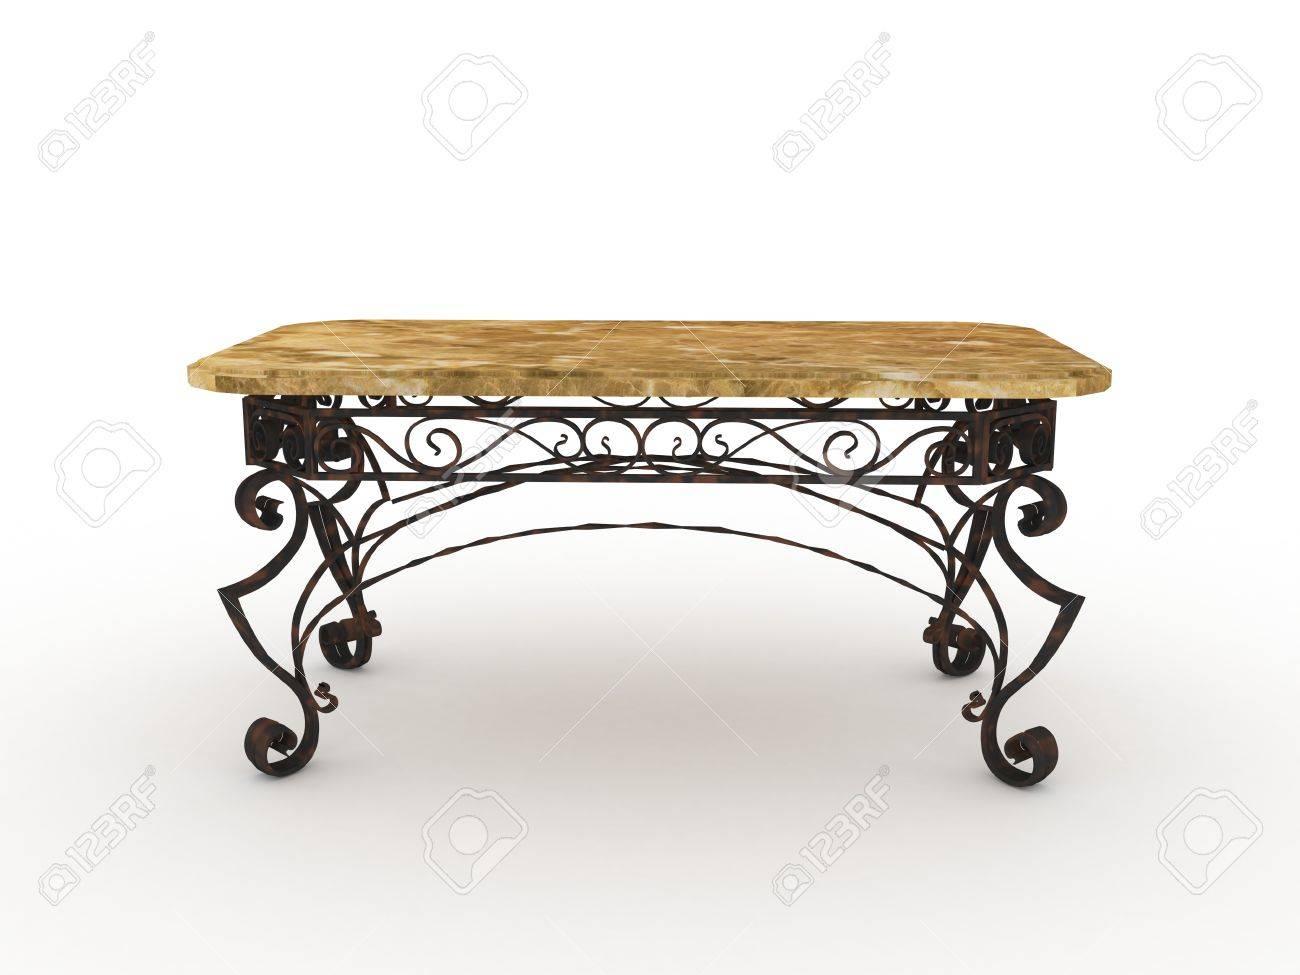 Table en fer forgé, modèle pour la conception de mobilier forgé